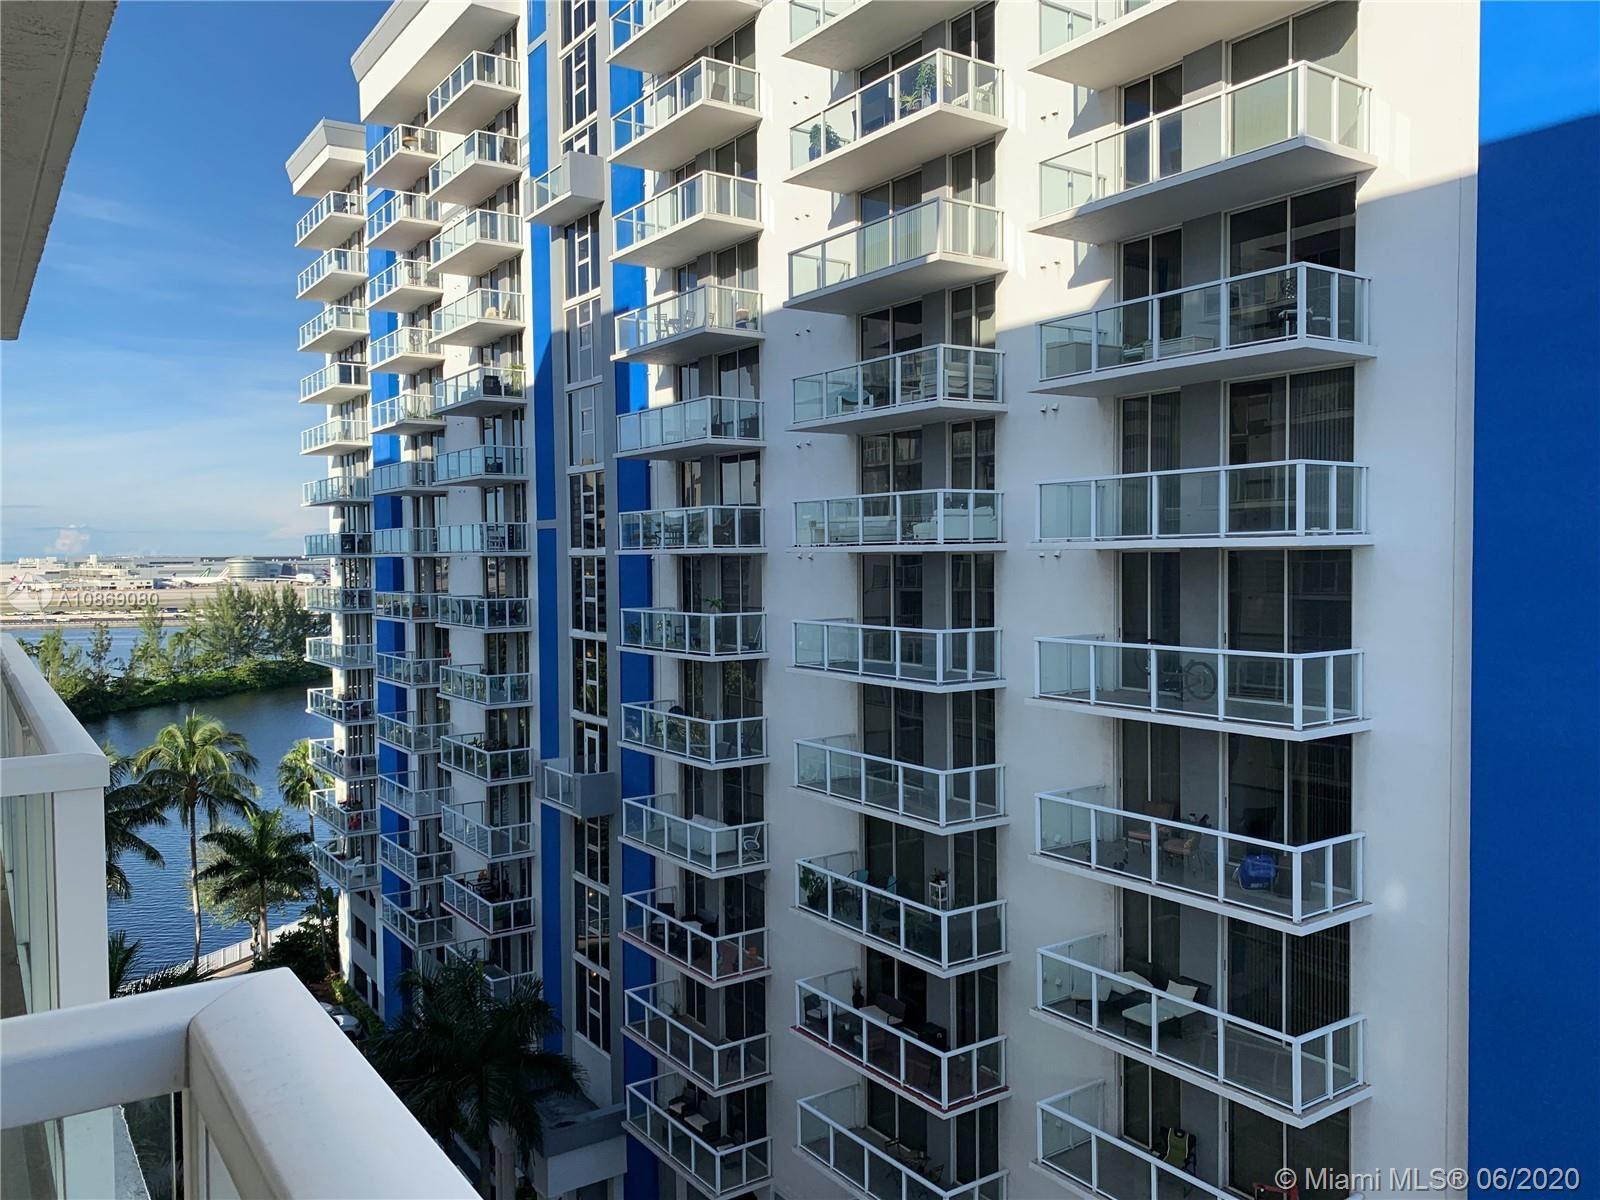 5091 NW 7 ST #915, Miami, FL 33126 - #: A10869080